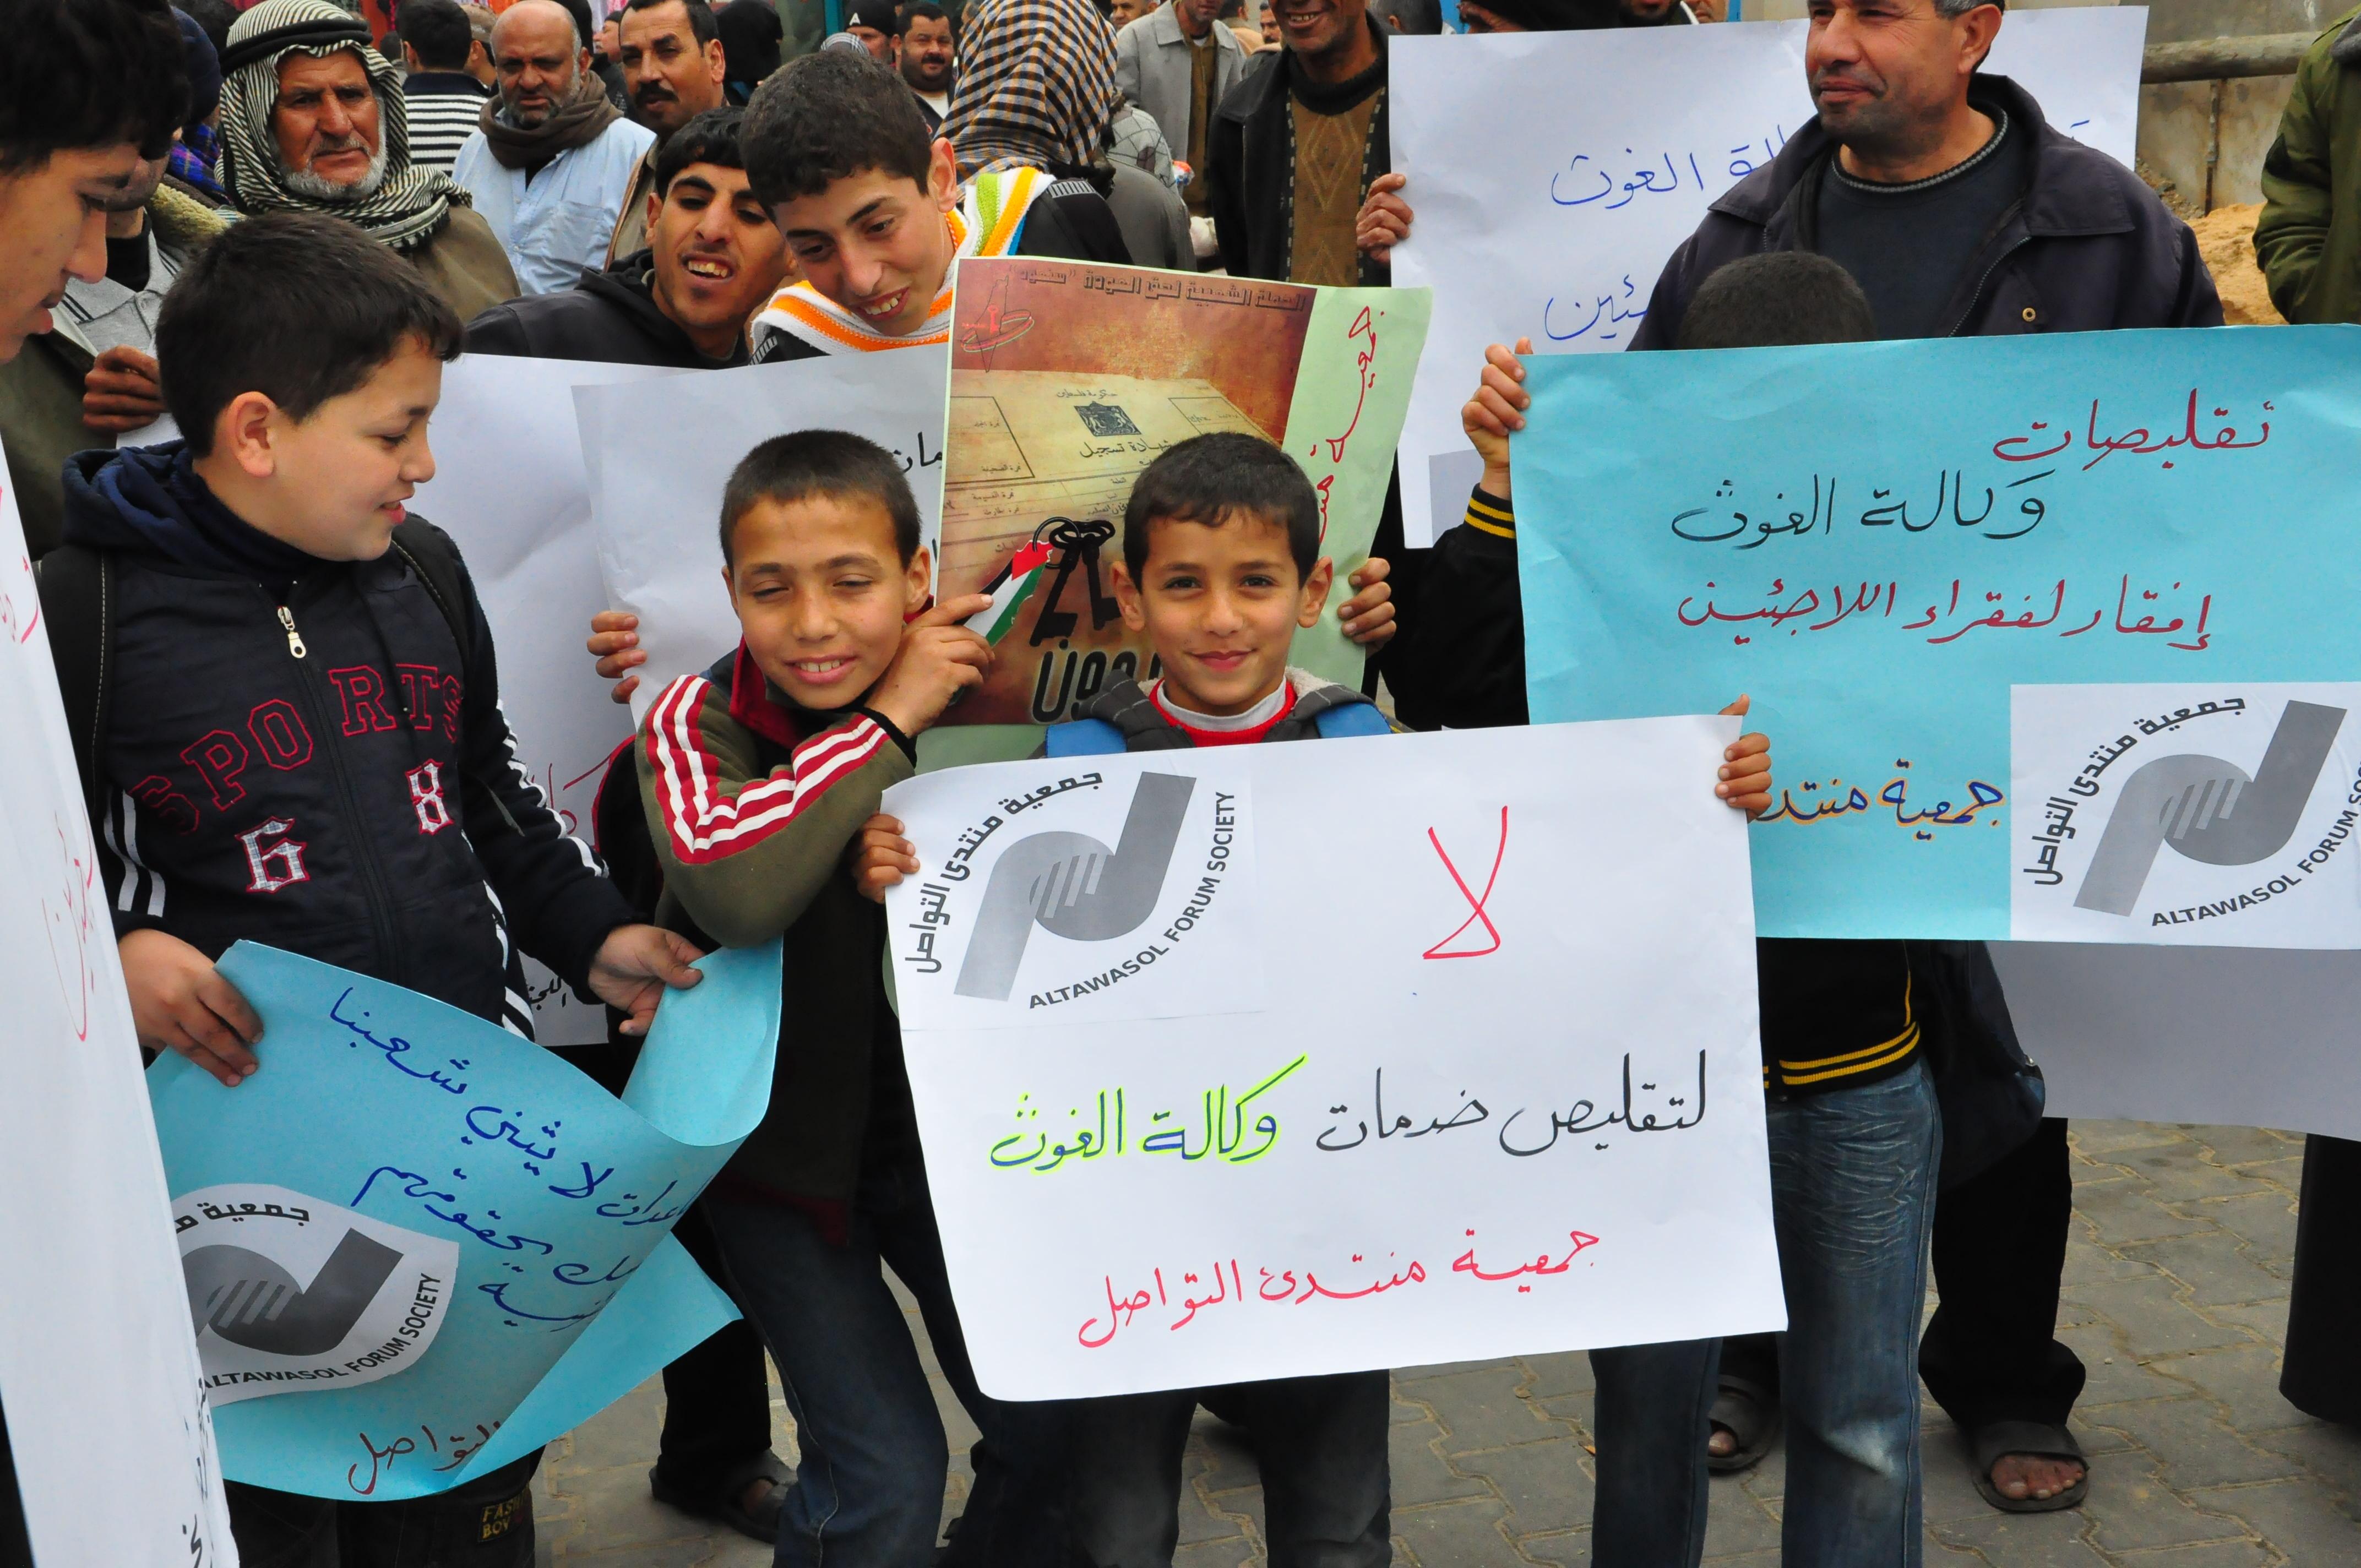 اعتصام جمعية منتدى التواصل امام مقر التموين في مخيم النصيرات